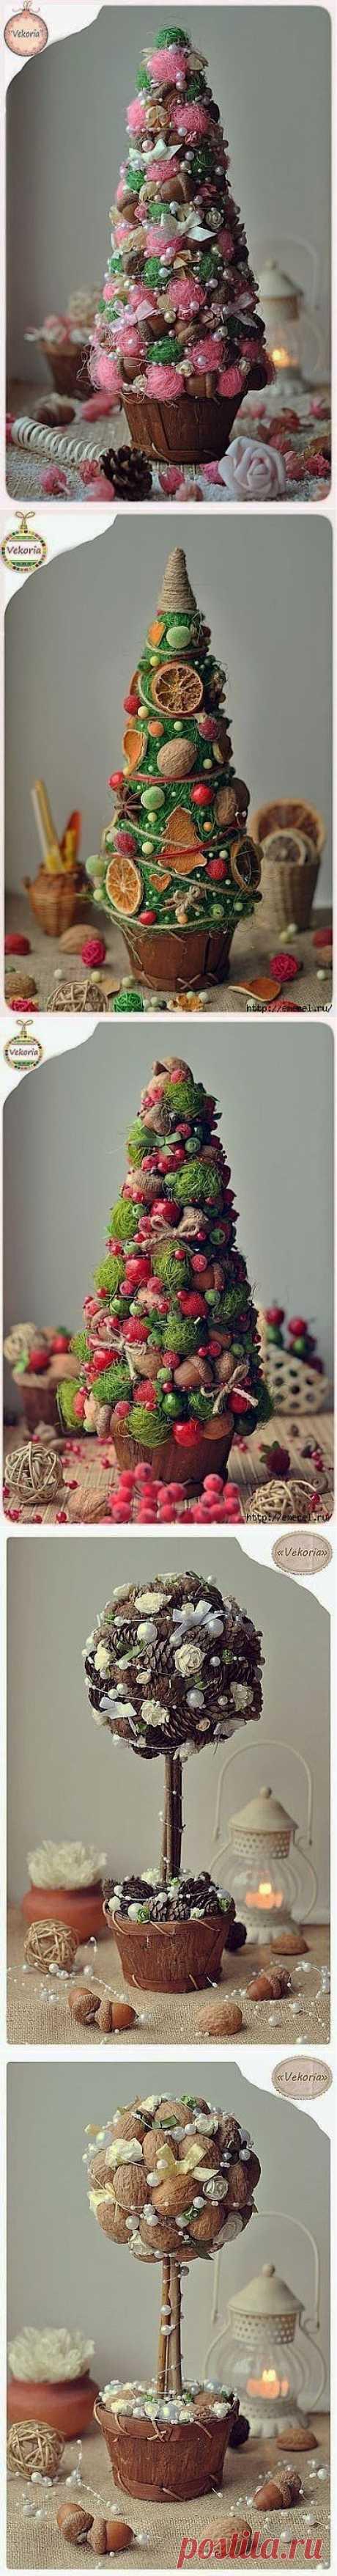 Новогоднее дерево счастья!.